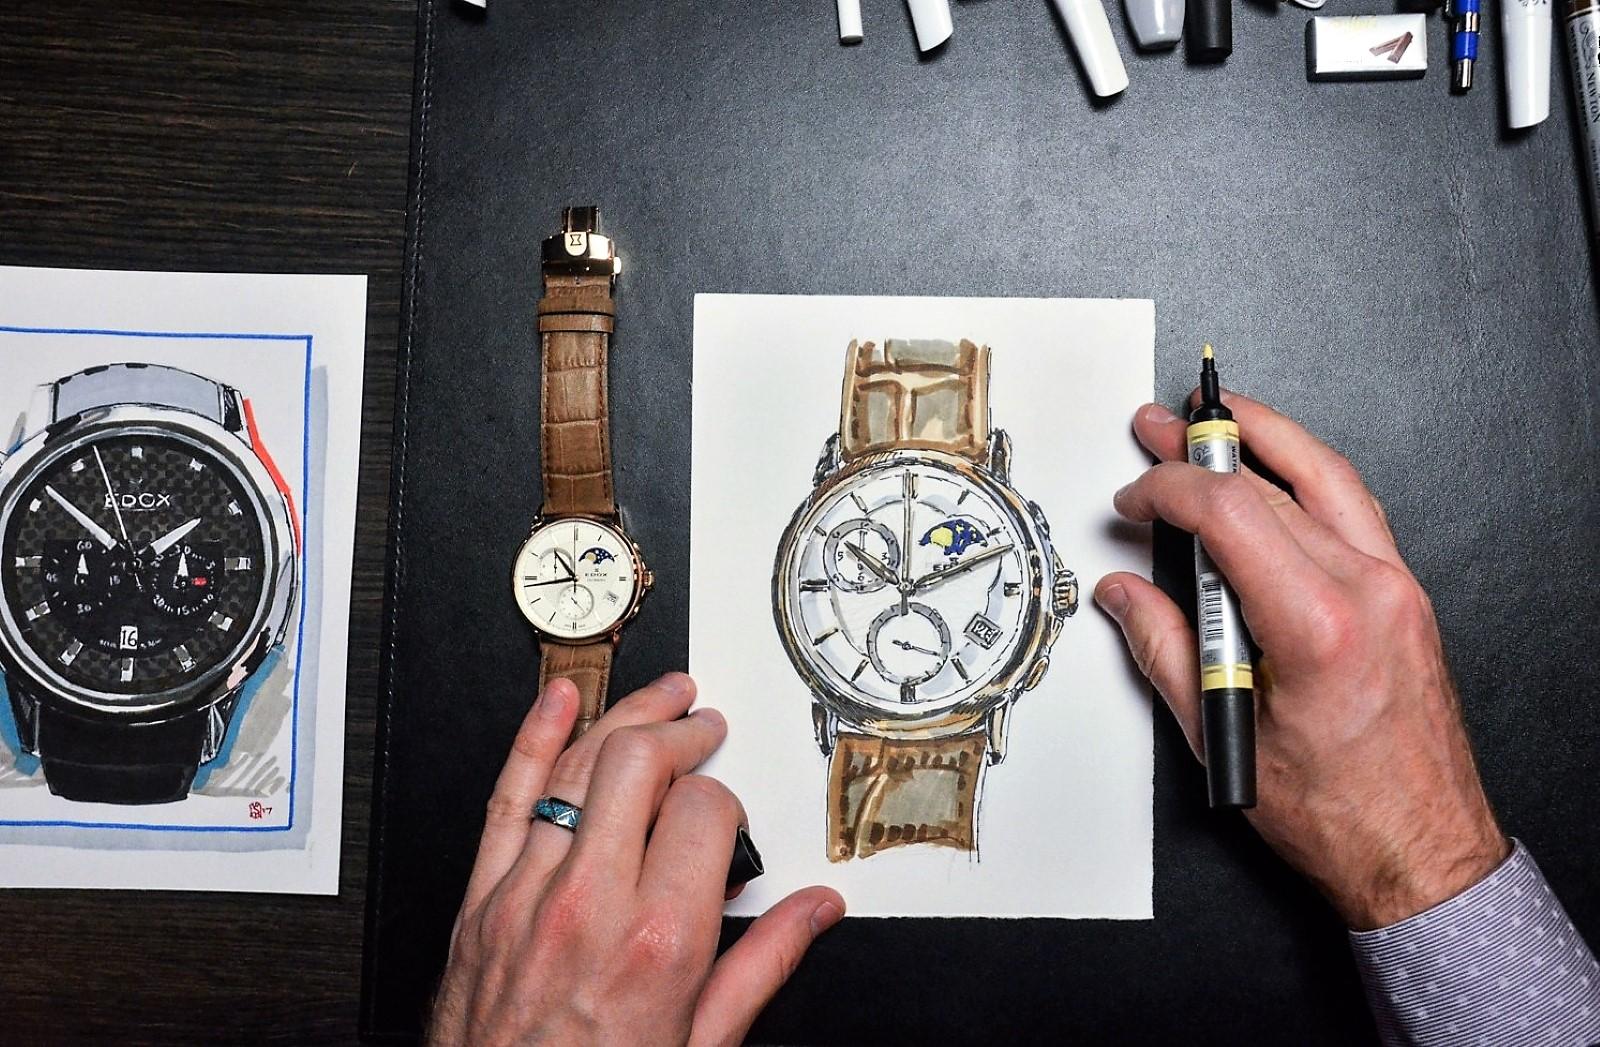 Commissioning Watch Art -Matthew Miller_Live Art_a